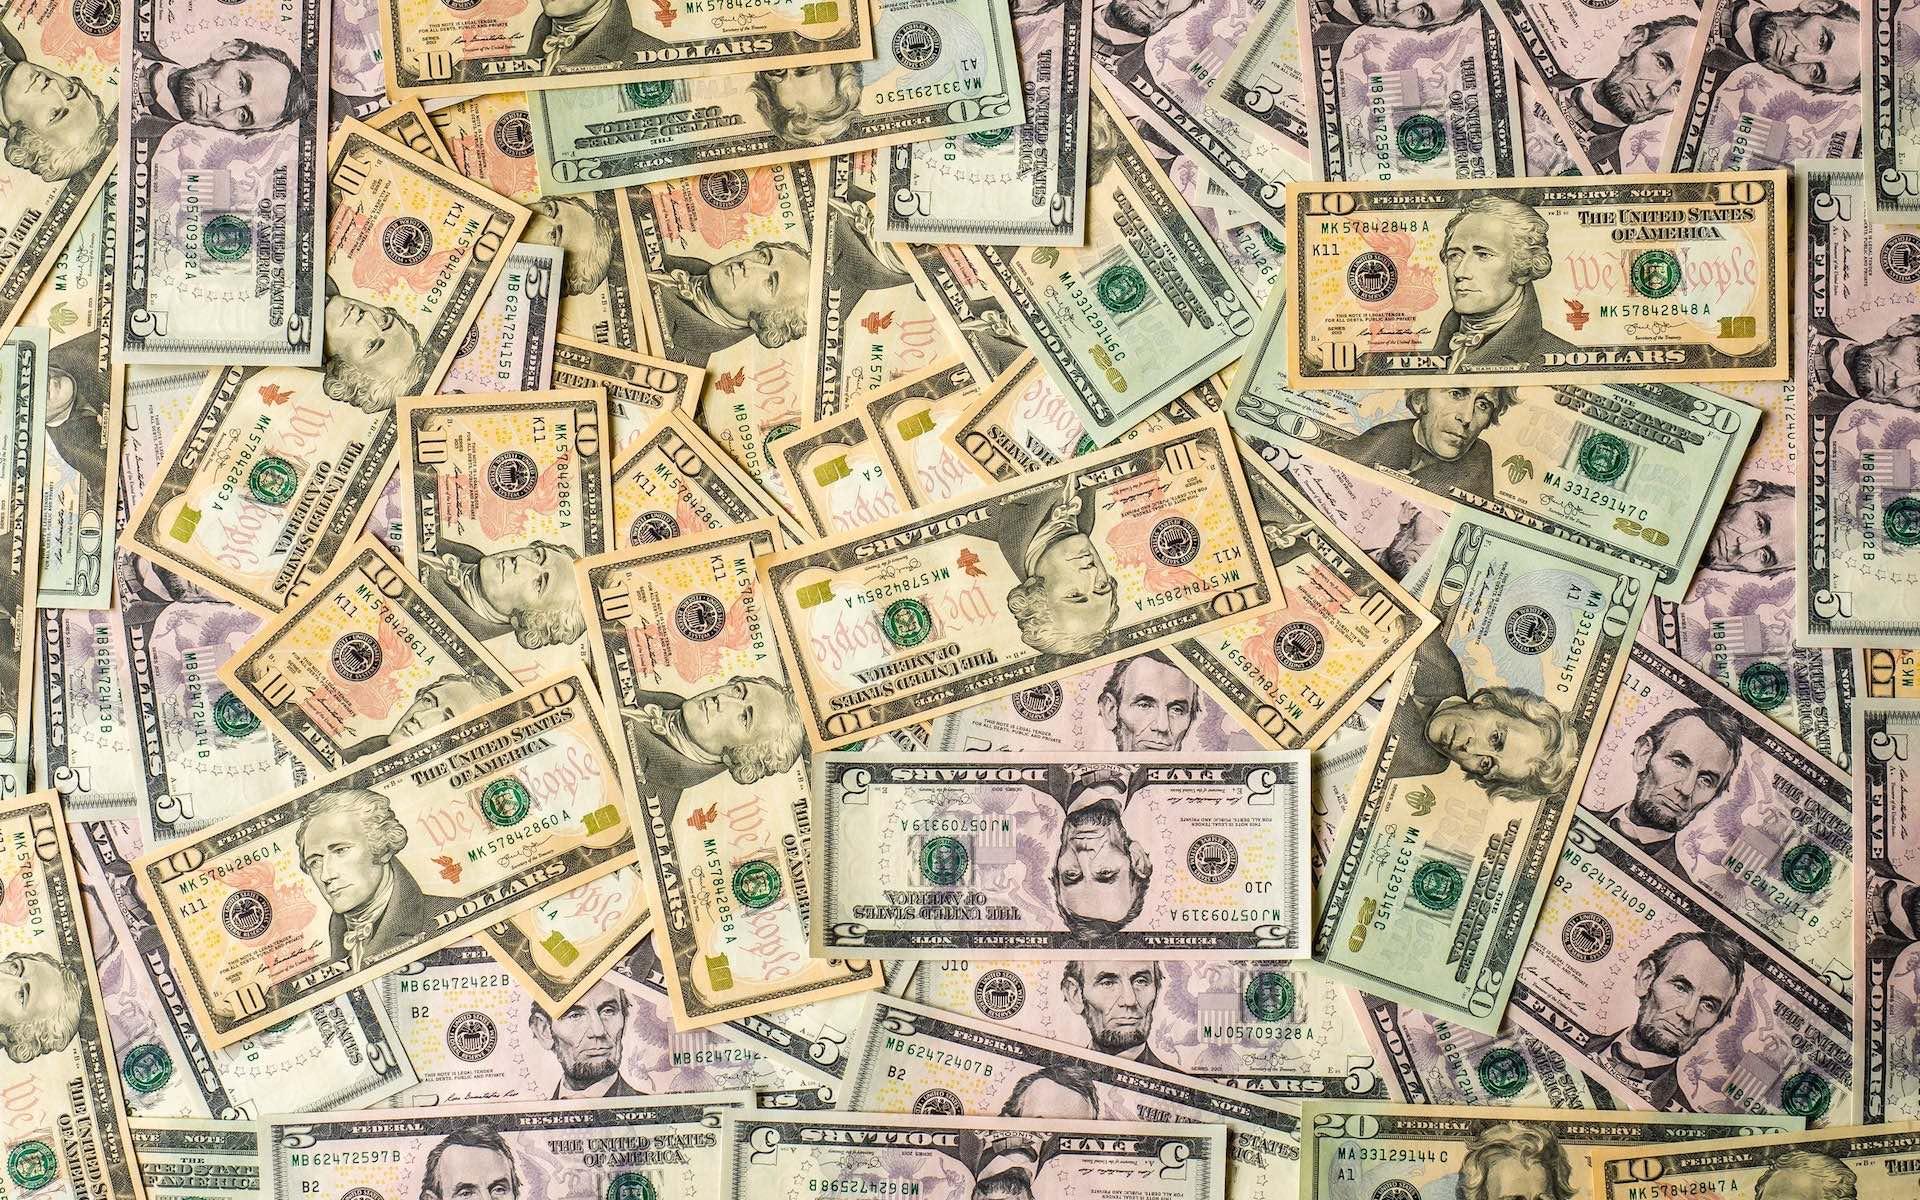 Borrow Money Against Your Gold